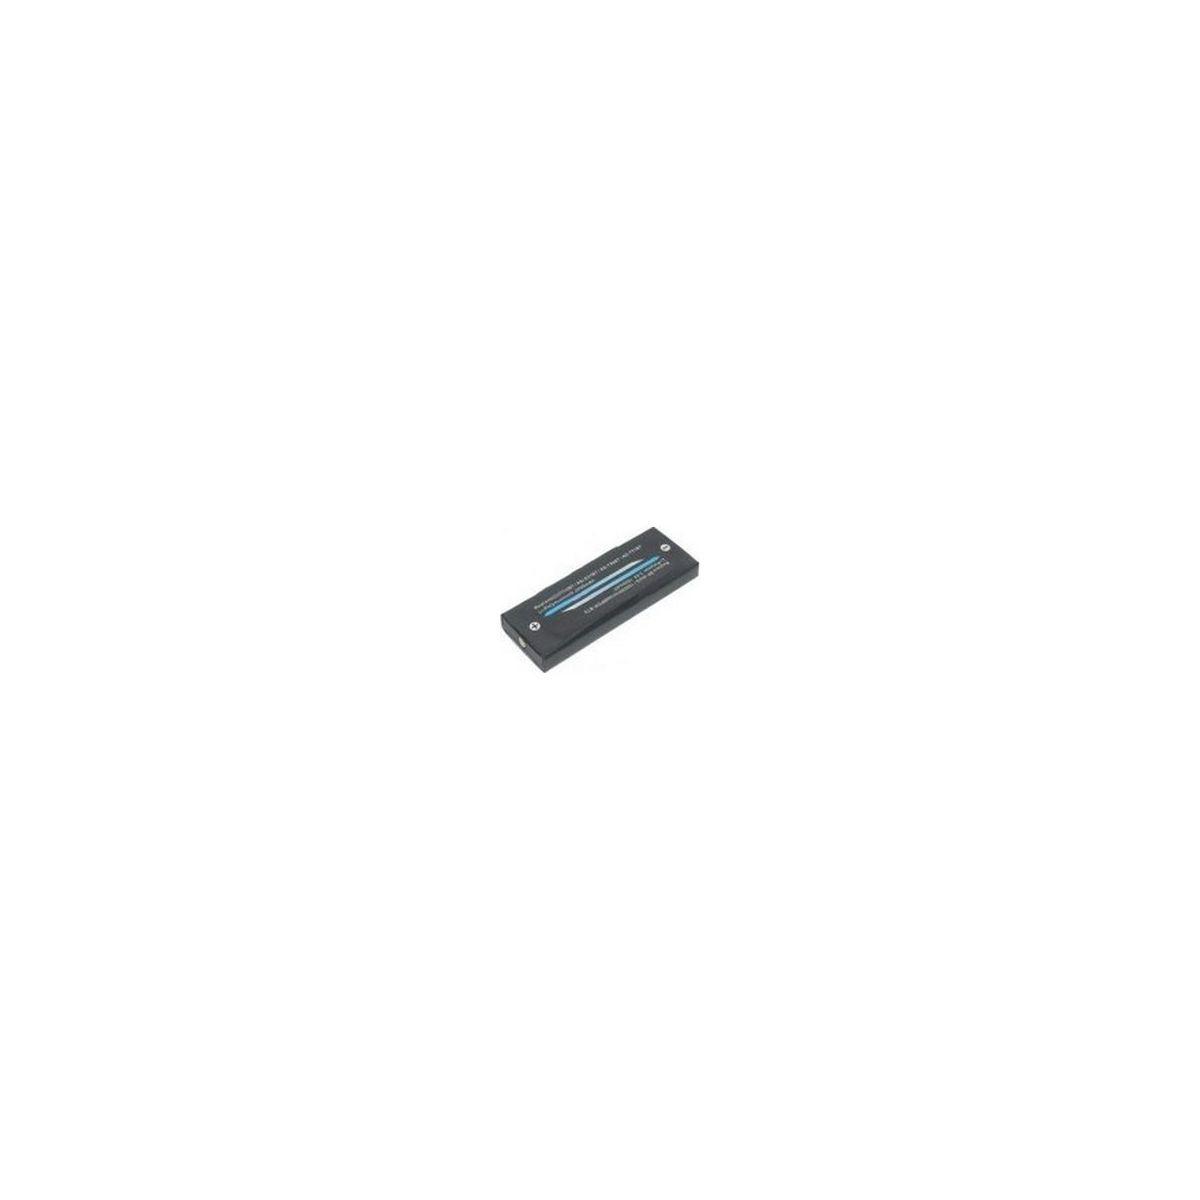 Batterie ENERGY BP800S-pr Sharp MD.. (photo)